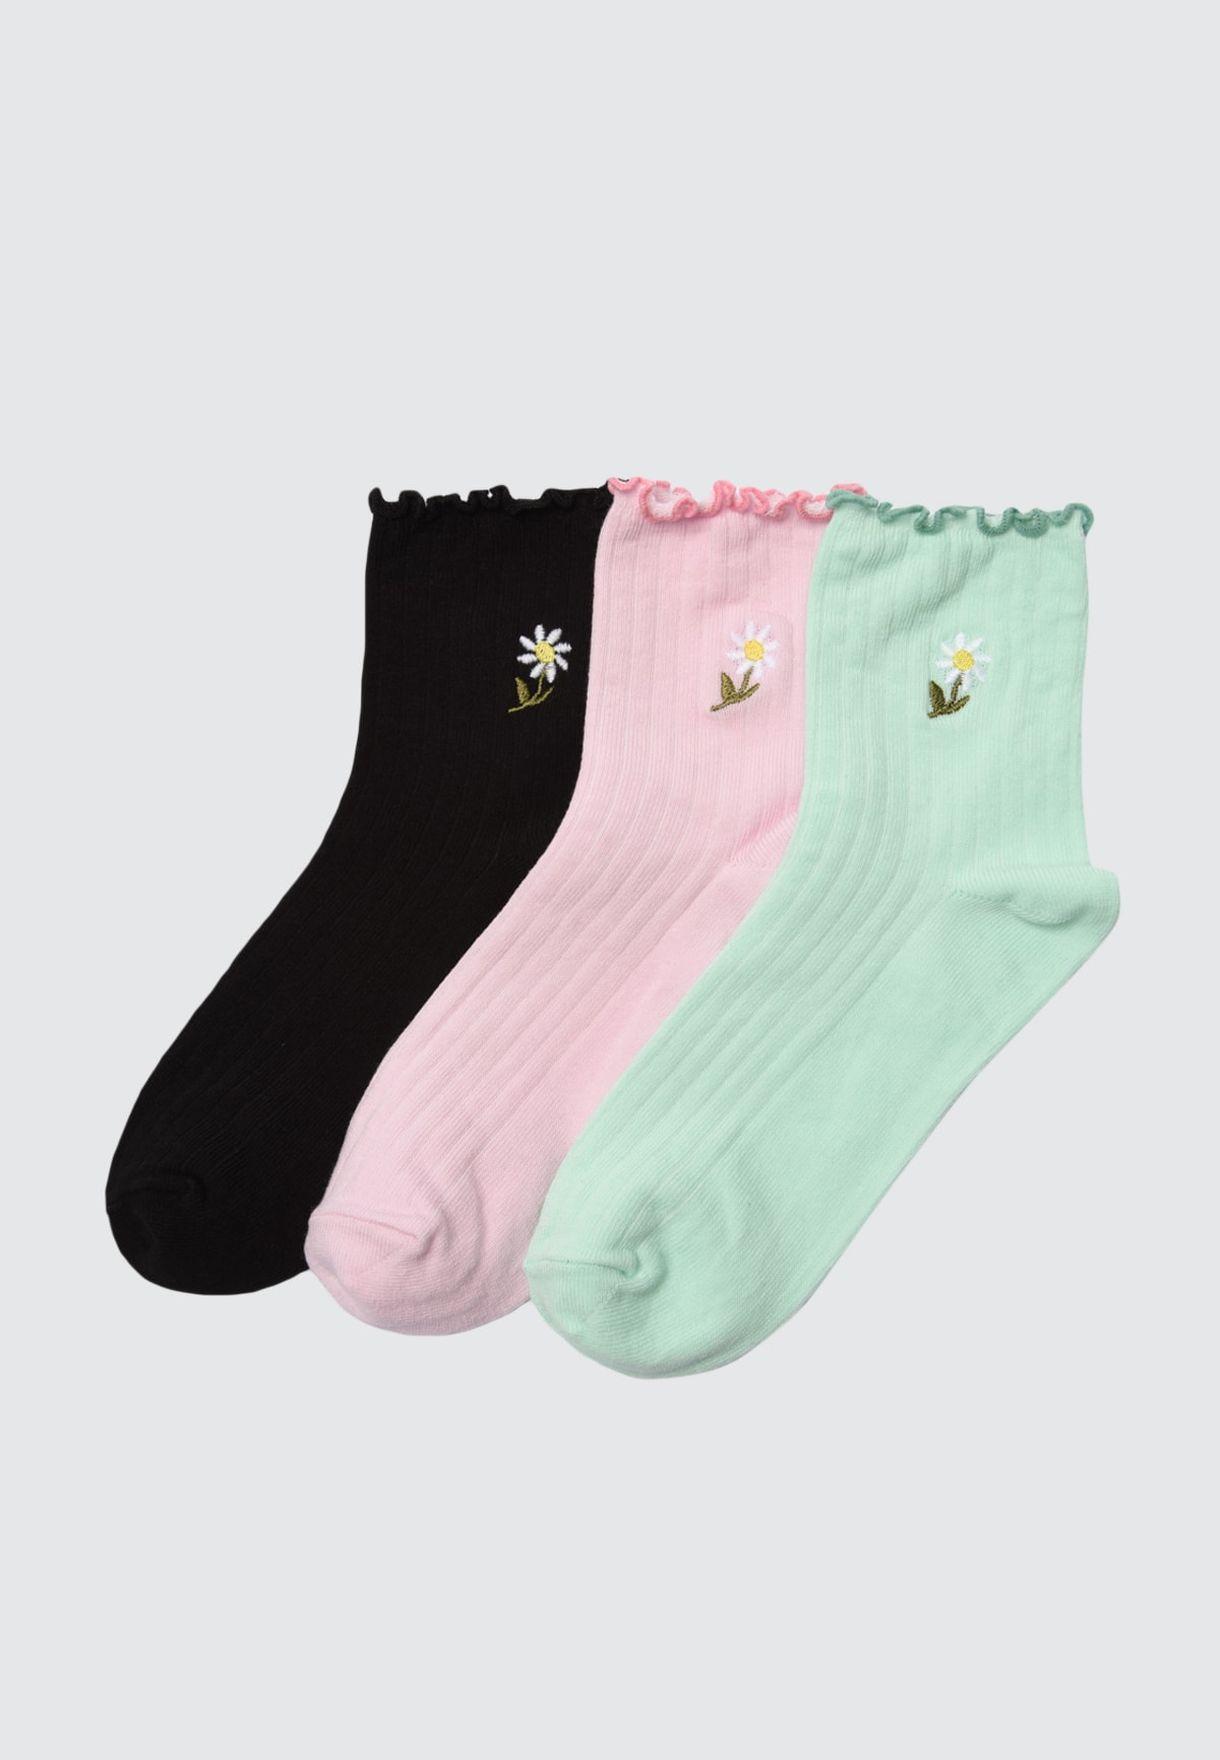 3 Black Knitted Socks